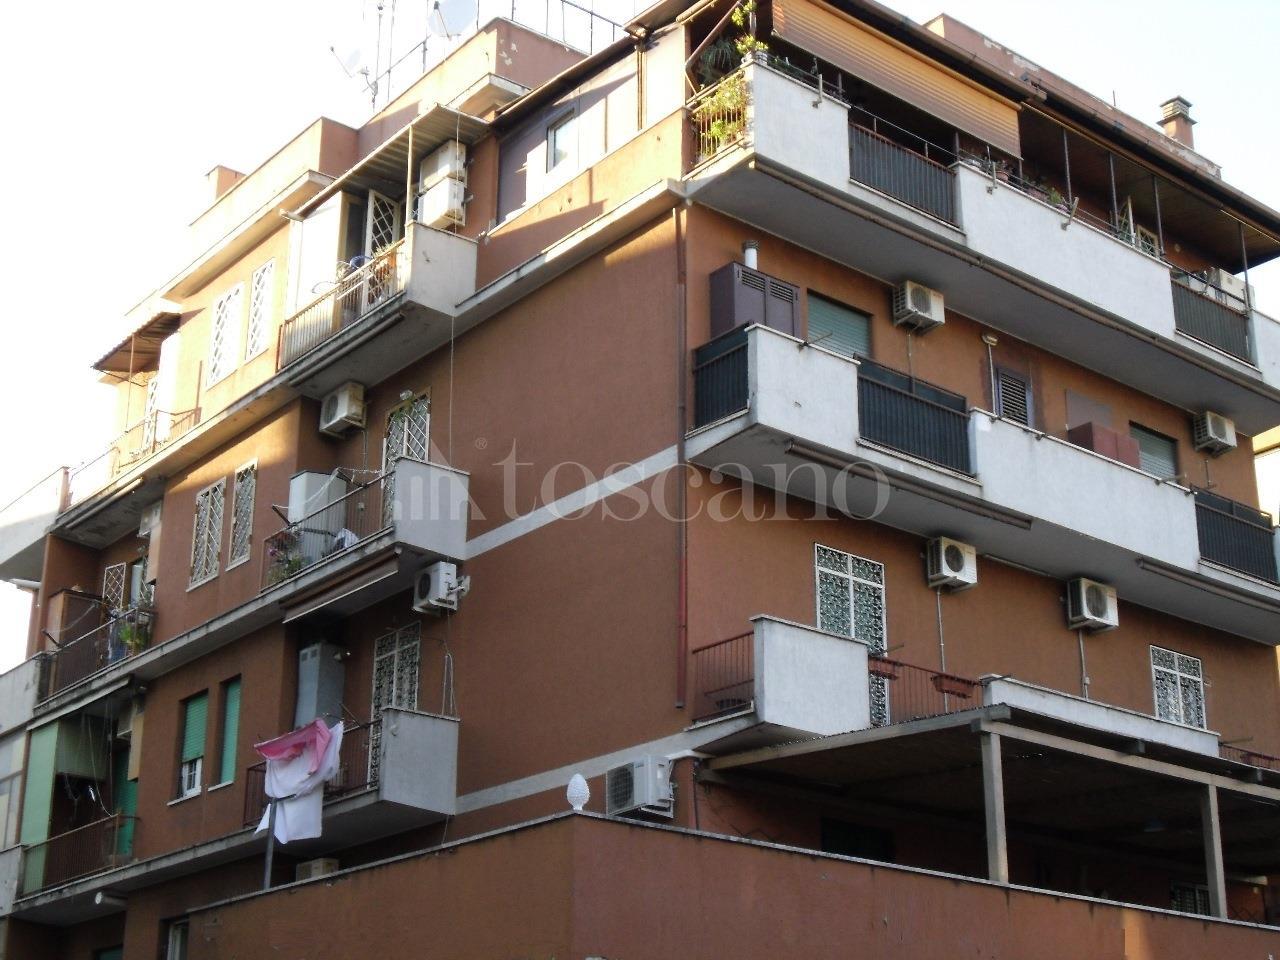 Vendita casa a roma in via dei sestili quadraro 14 2017 for Casa a roma vendita